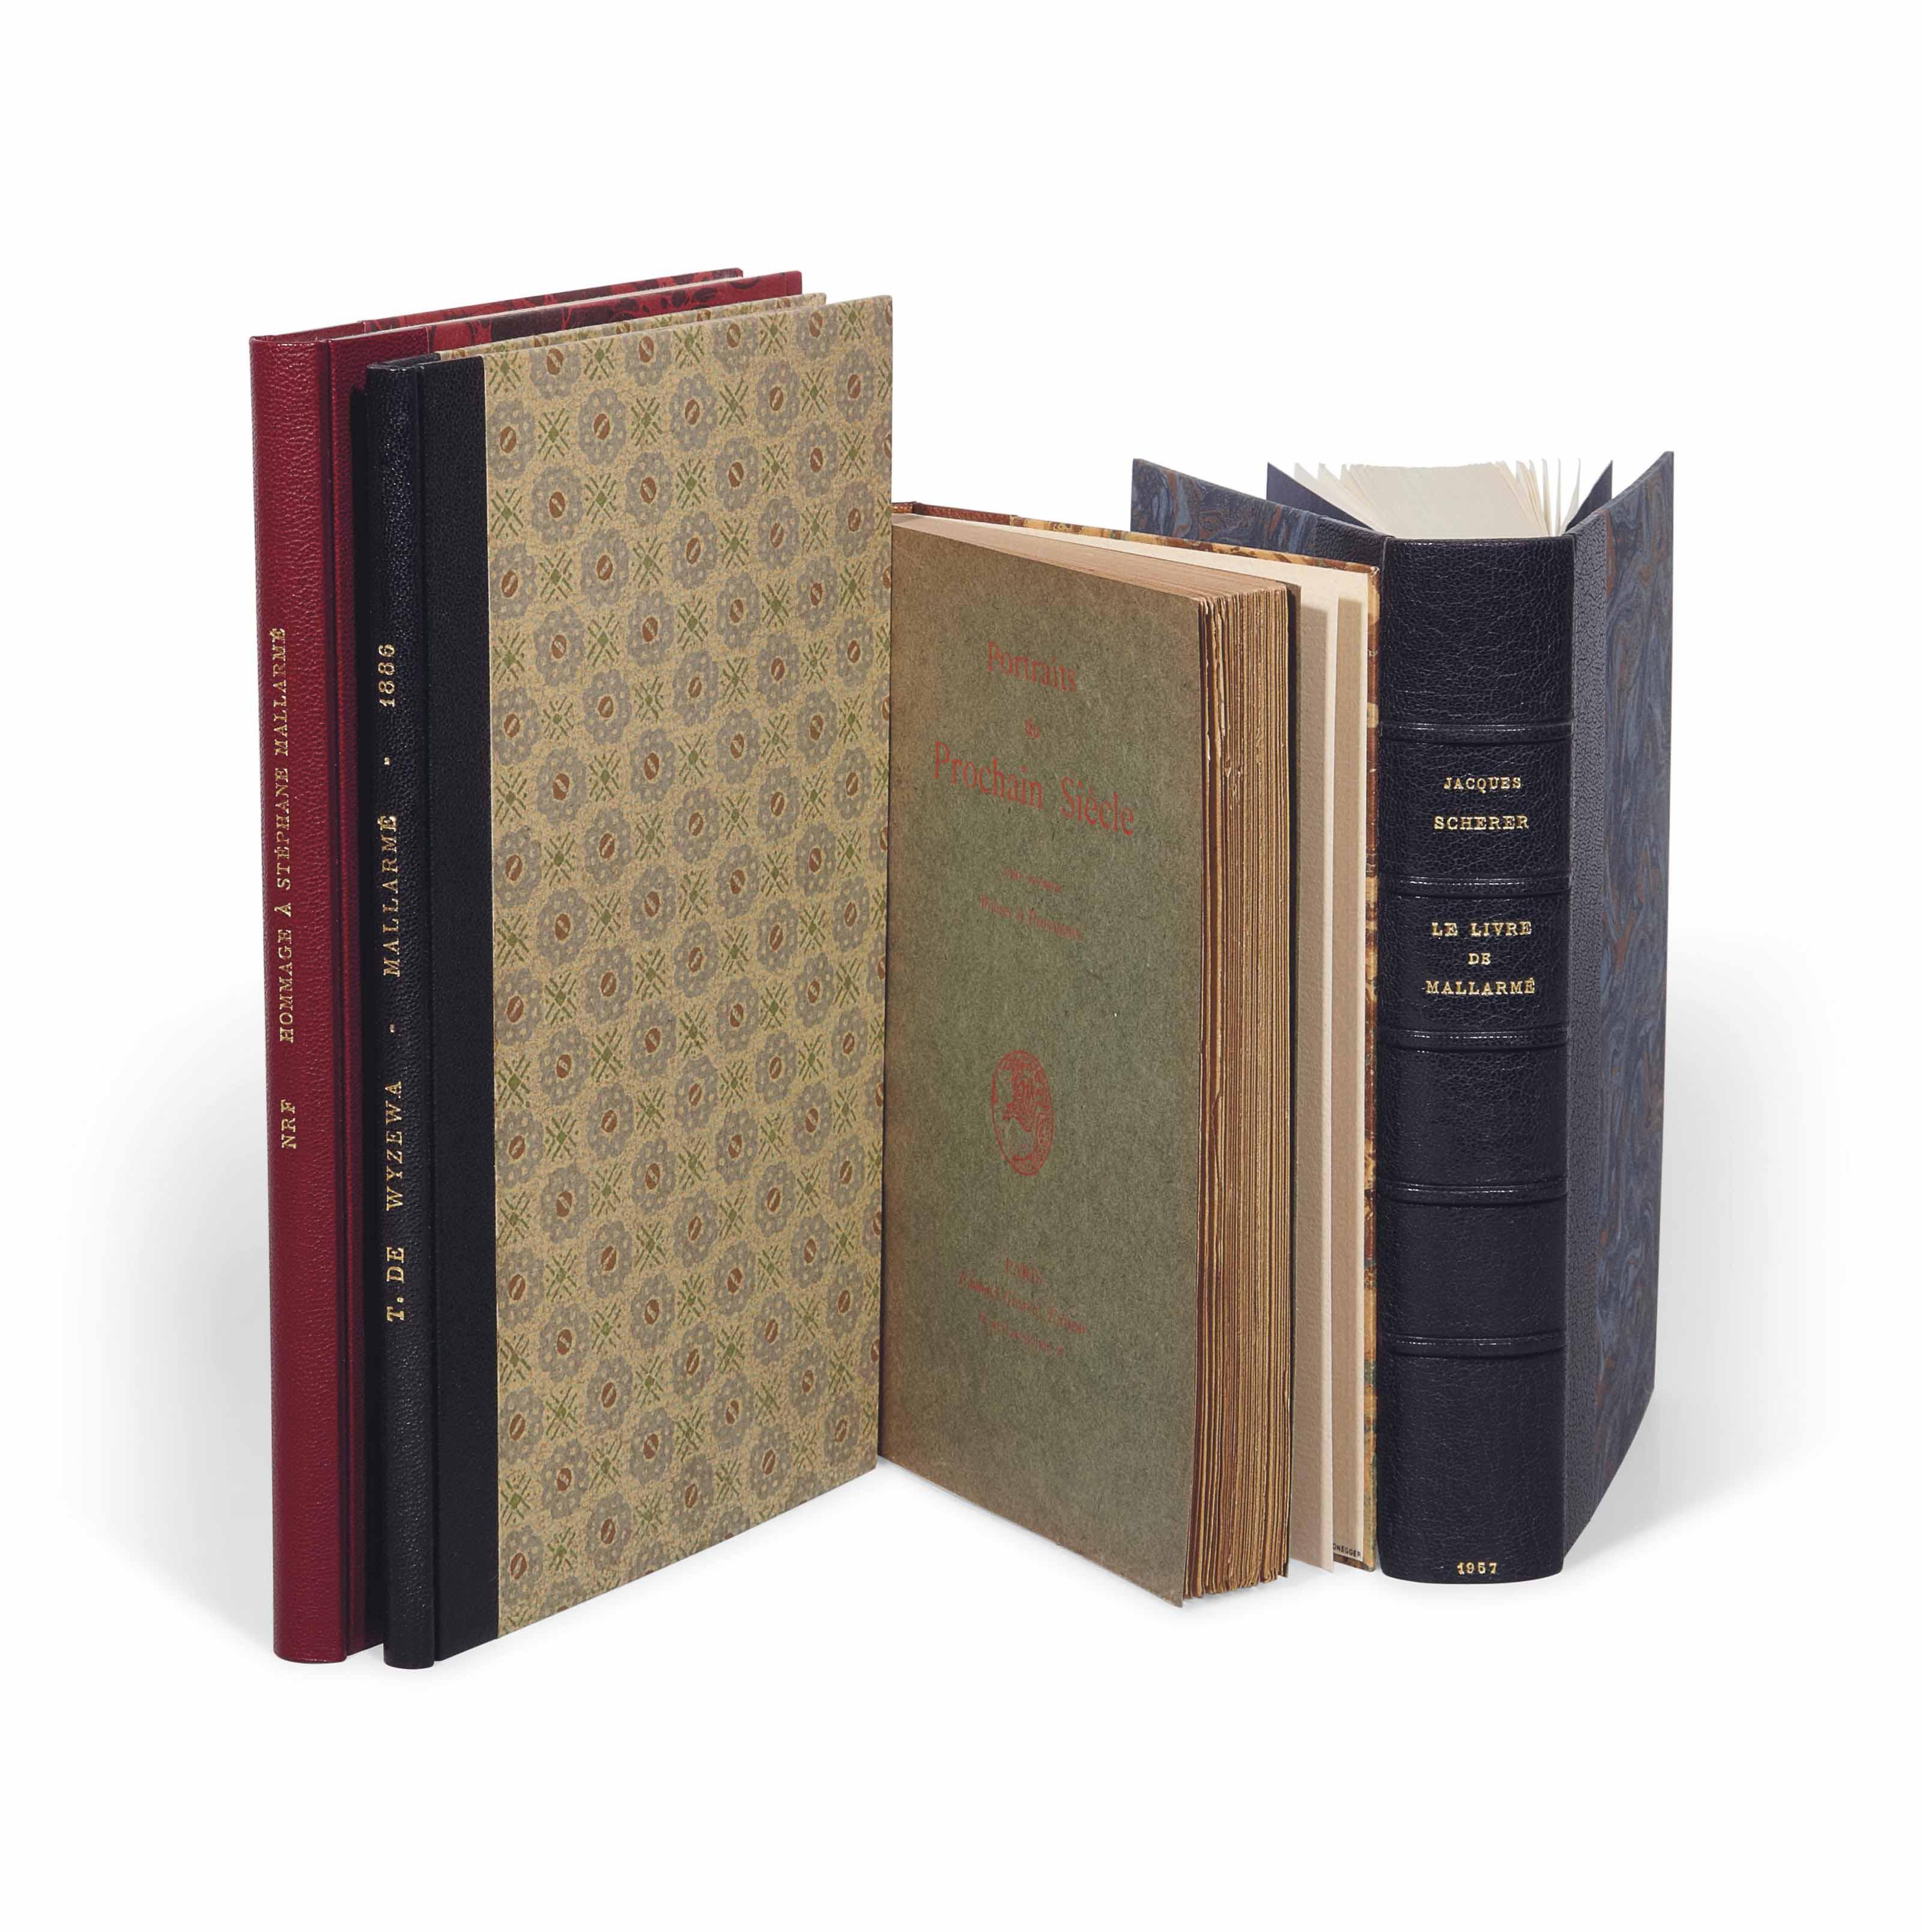 [MALLARMÉ]. Réunion de 4 ouvrages sur Stéphane Mallarmé, tous en ÉDITION ORIGINALE.